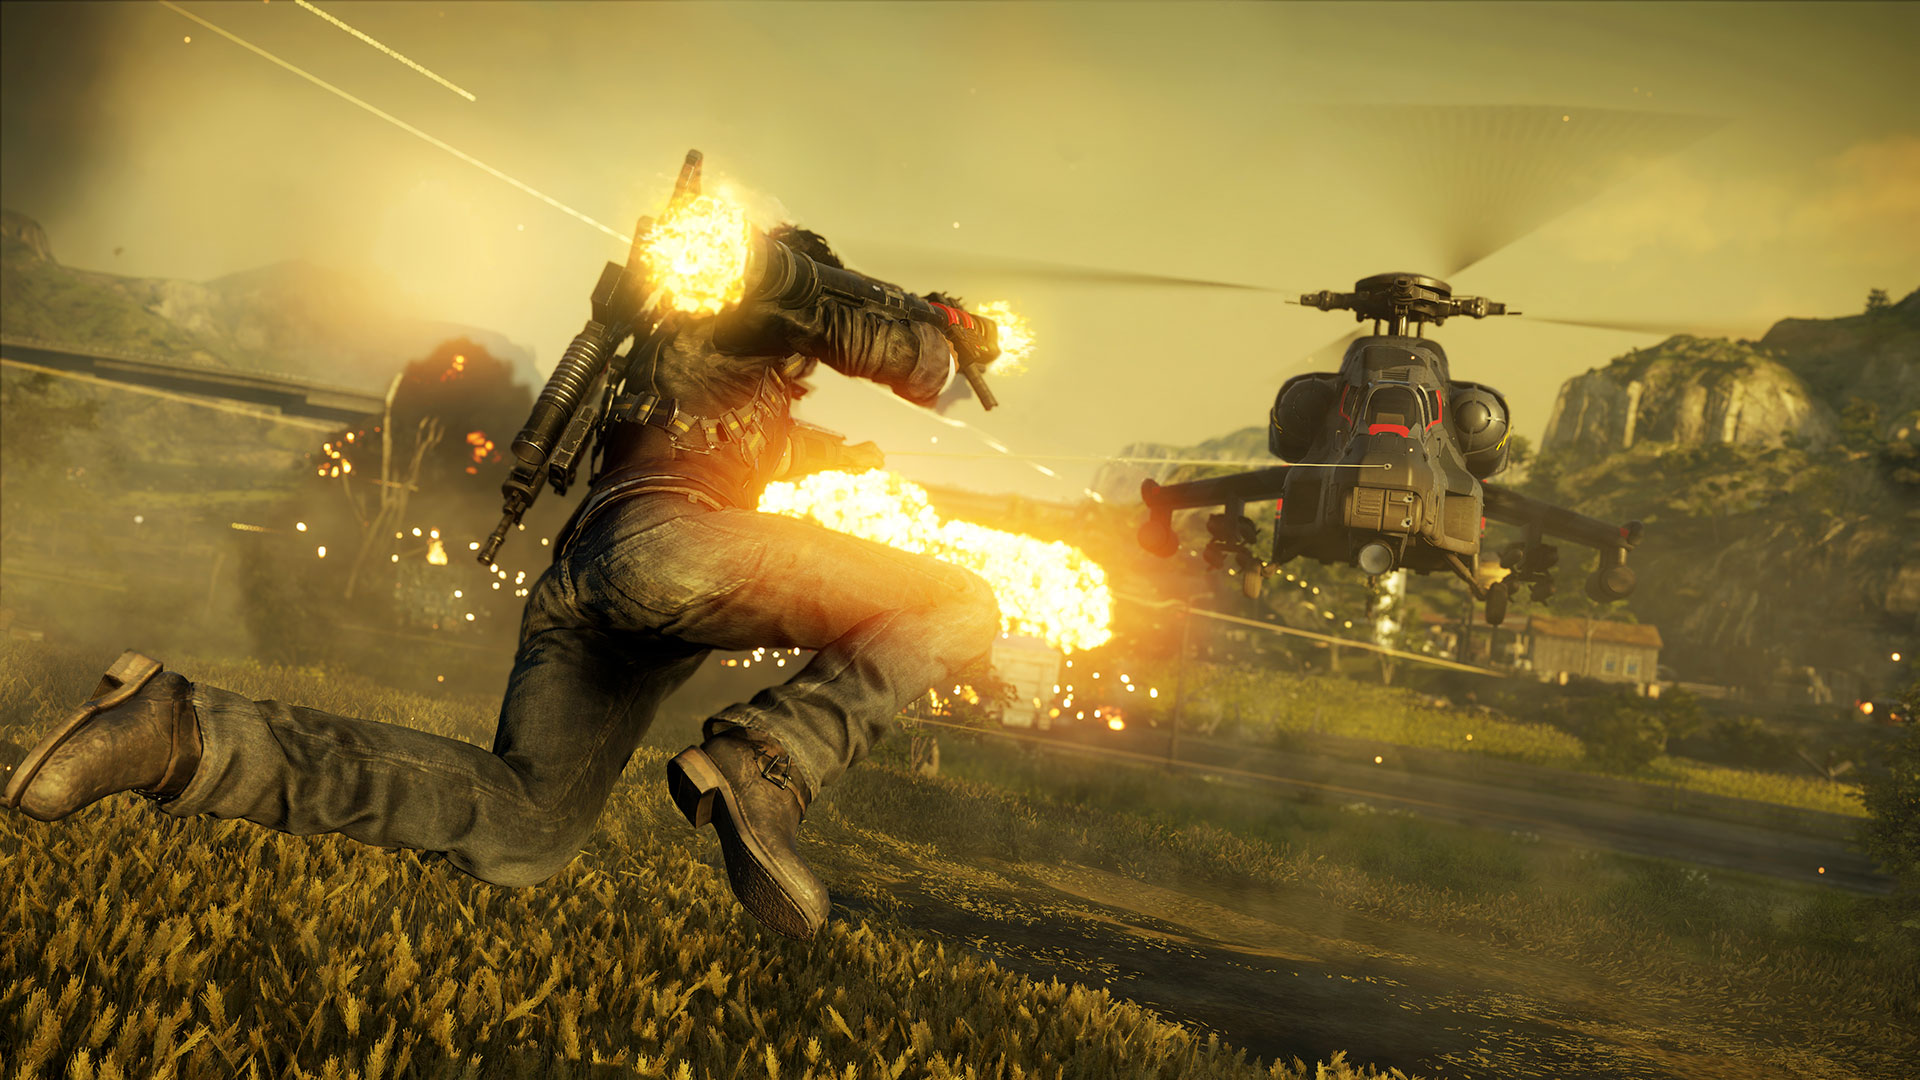 Геймеры остались недовольны Just Cause 4. В Steam у игры почти все отзывы отрицательные!